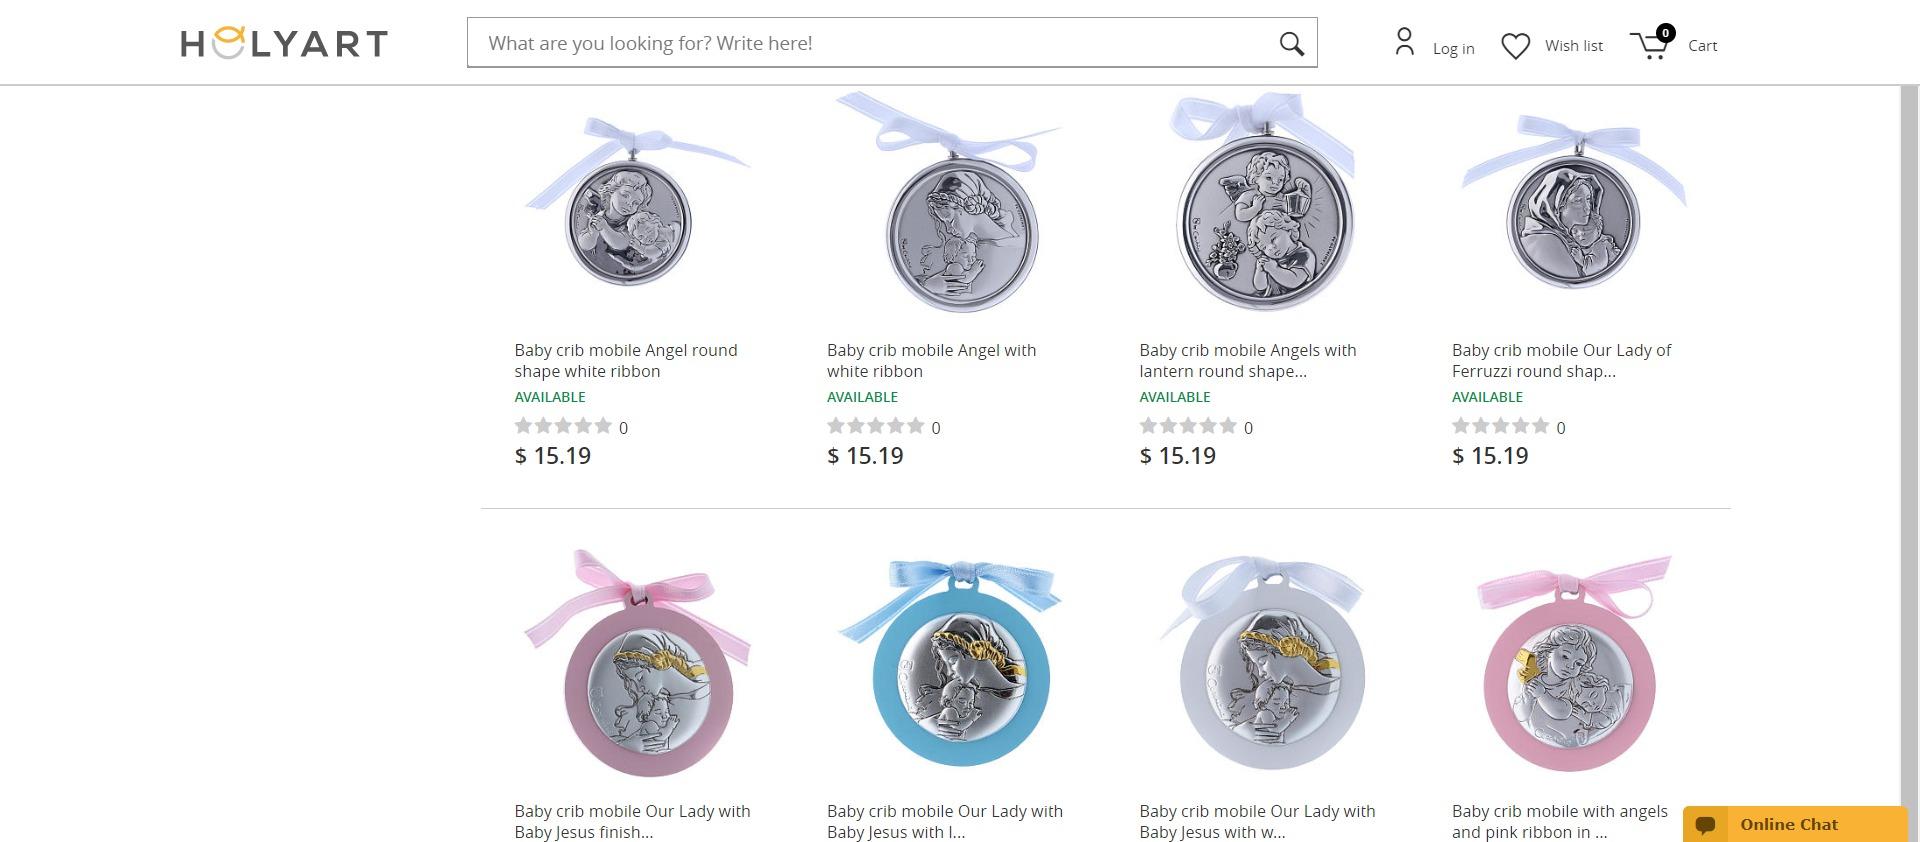 FireShot Capture 103 - Medals and decoratins for cradle - online sales on HOLYART.com_ - www.holyart.com